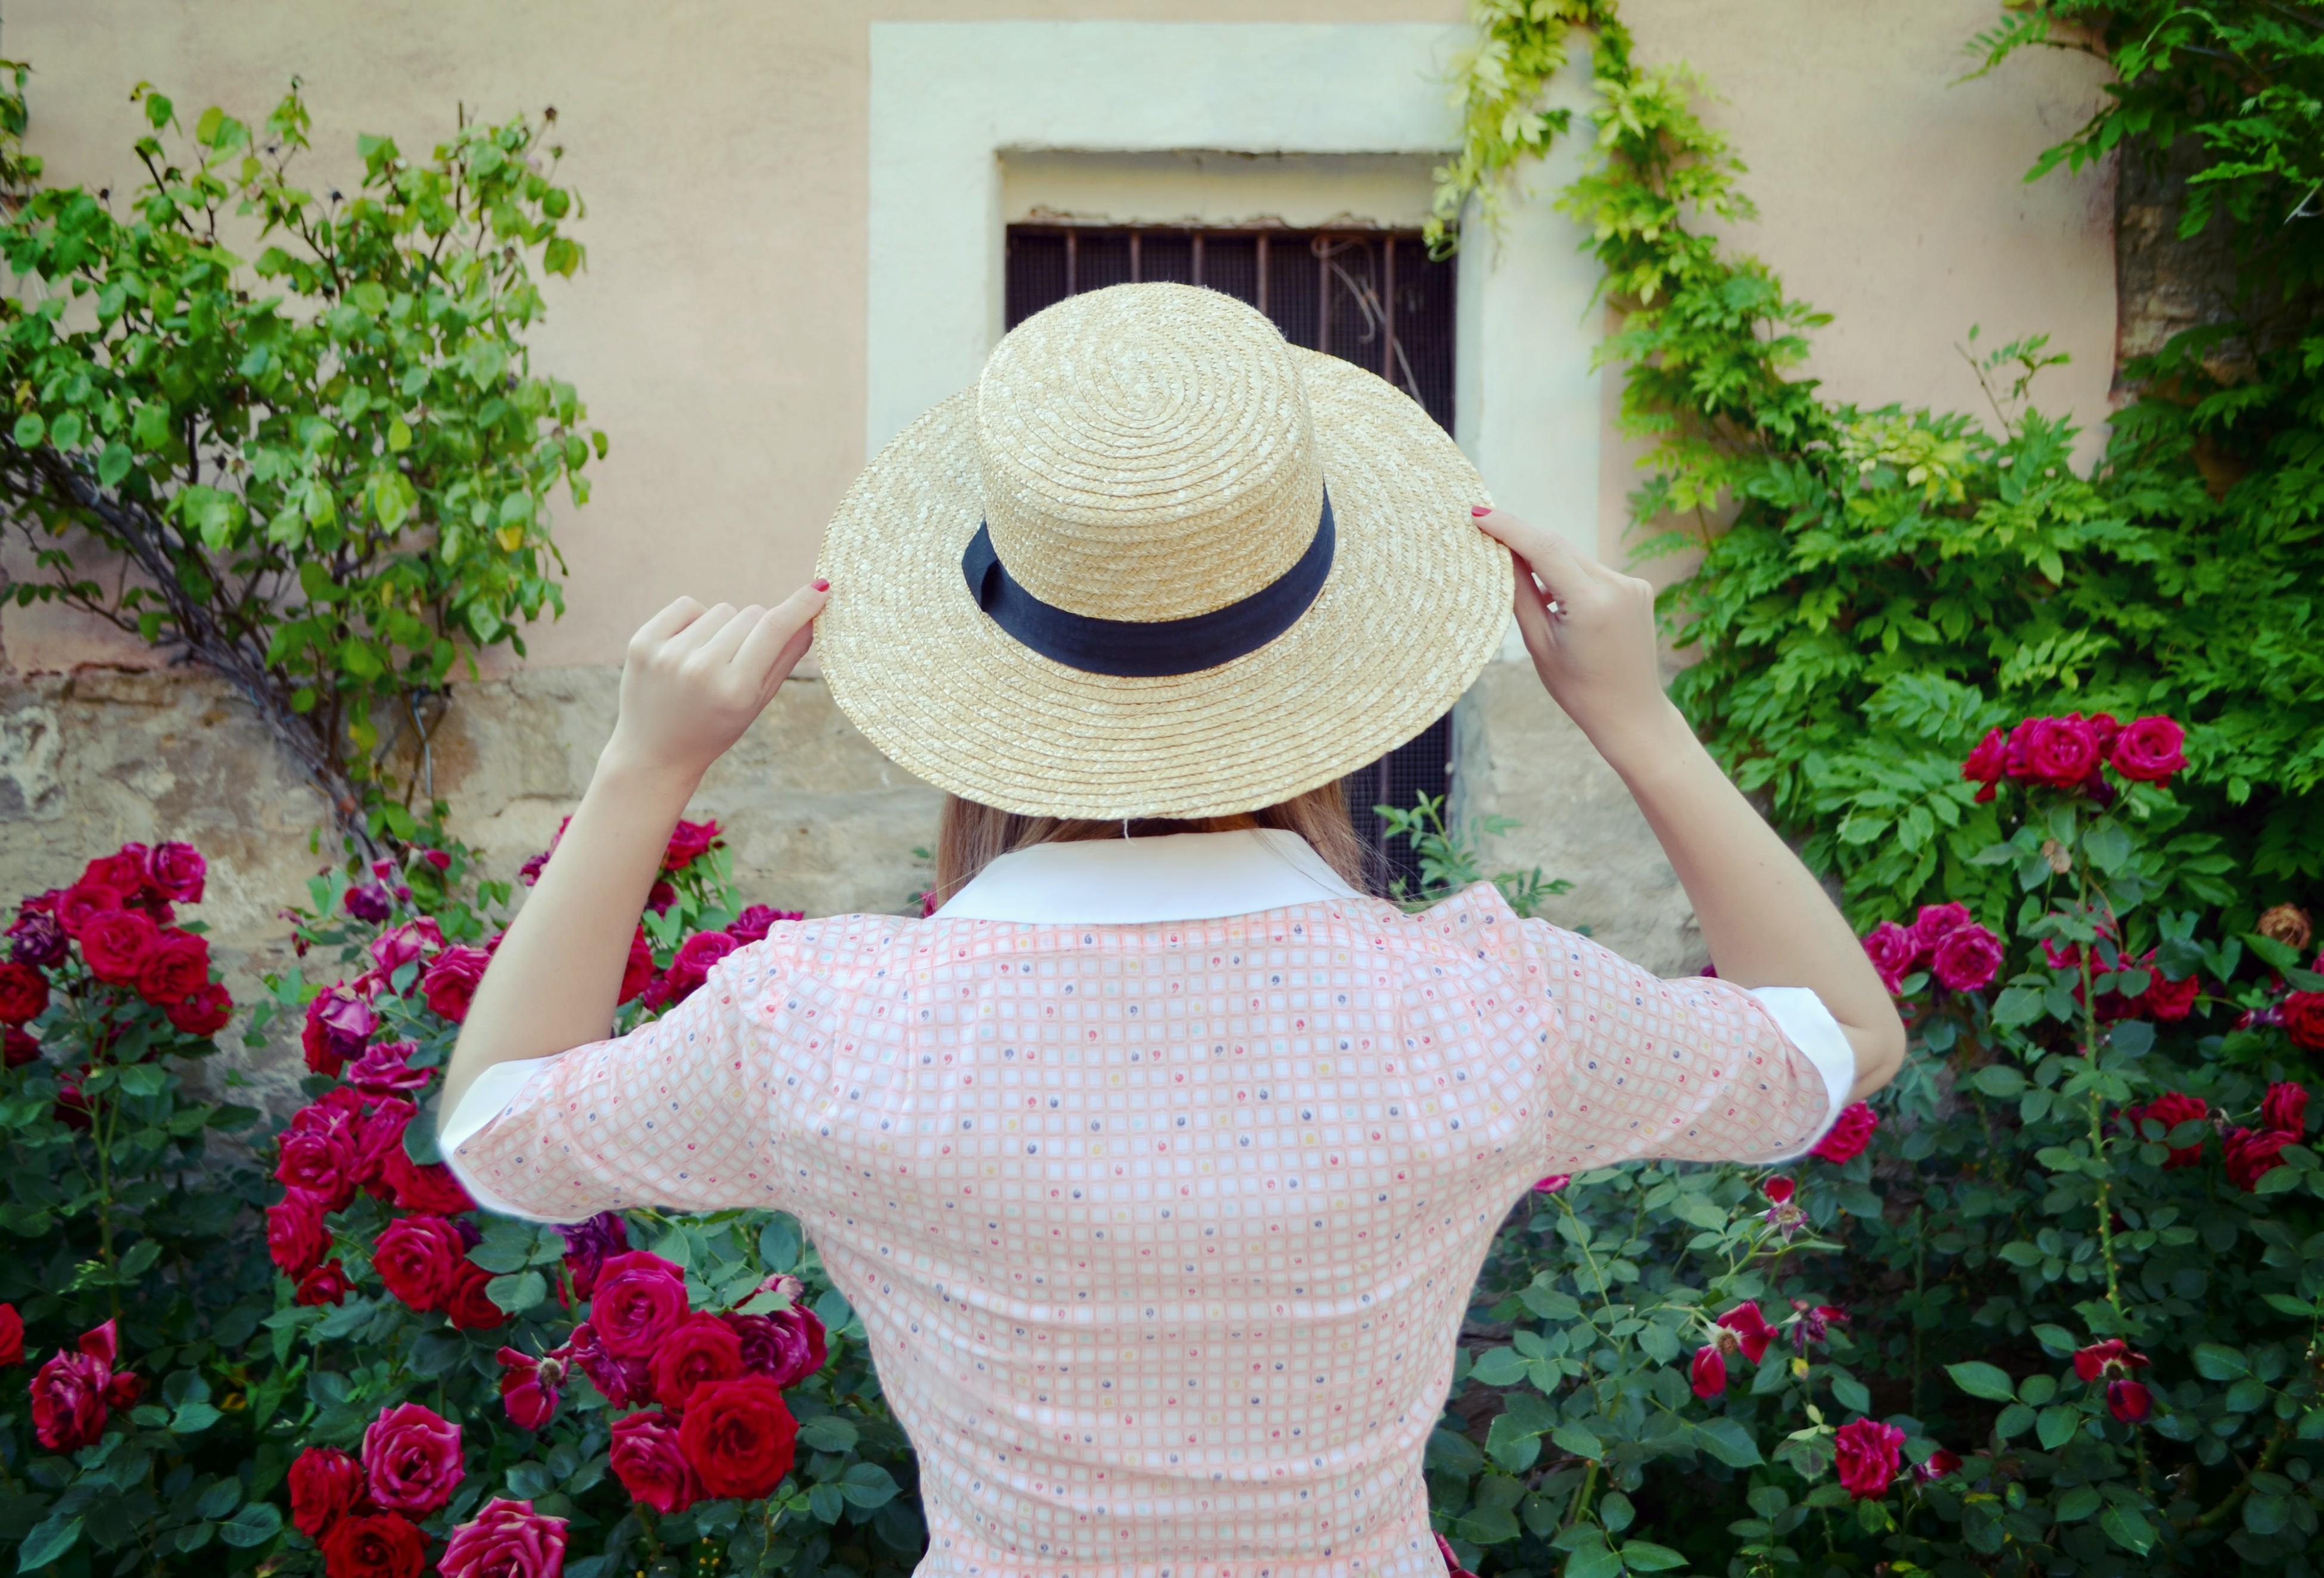 Looks-con-sombrero-fashionista-ChicAdicta-blog-de-moda-Chic-Adicta-vestidos-de-flores-viaje-florette-influencers-PiensaenChic-Piensa-en-Chic